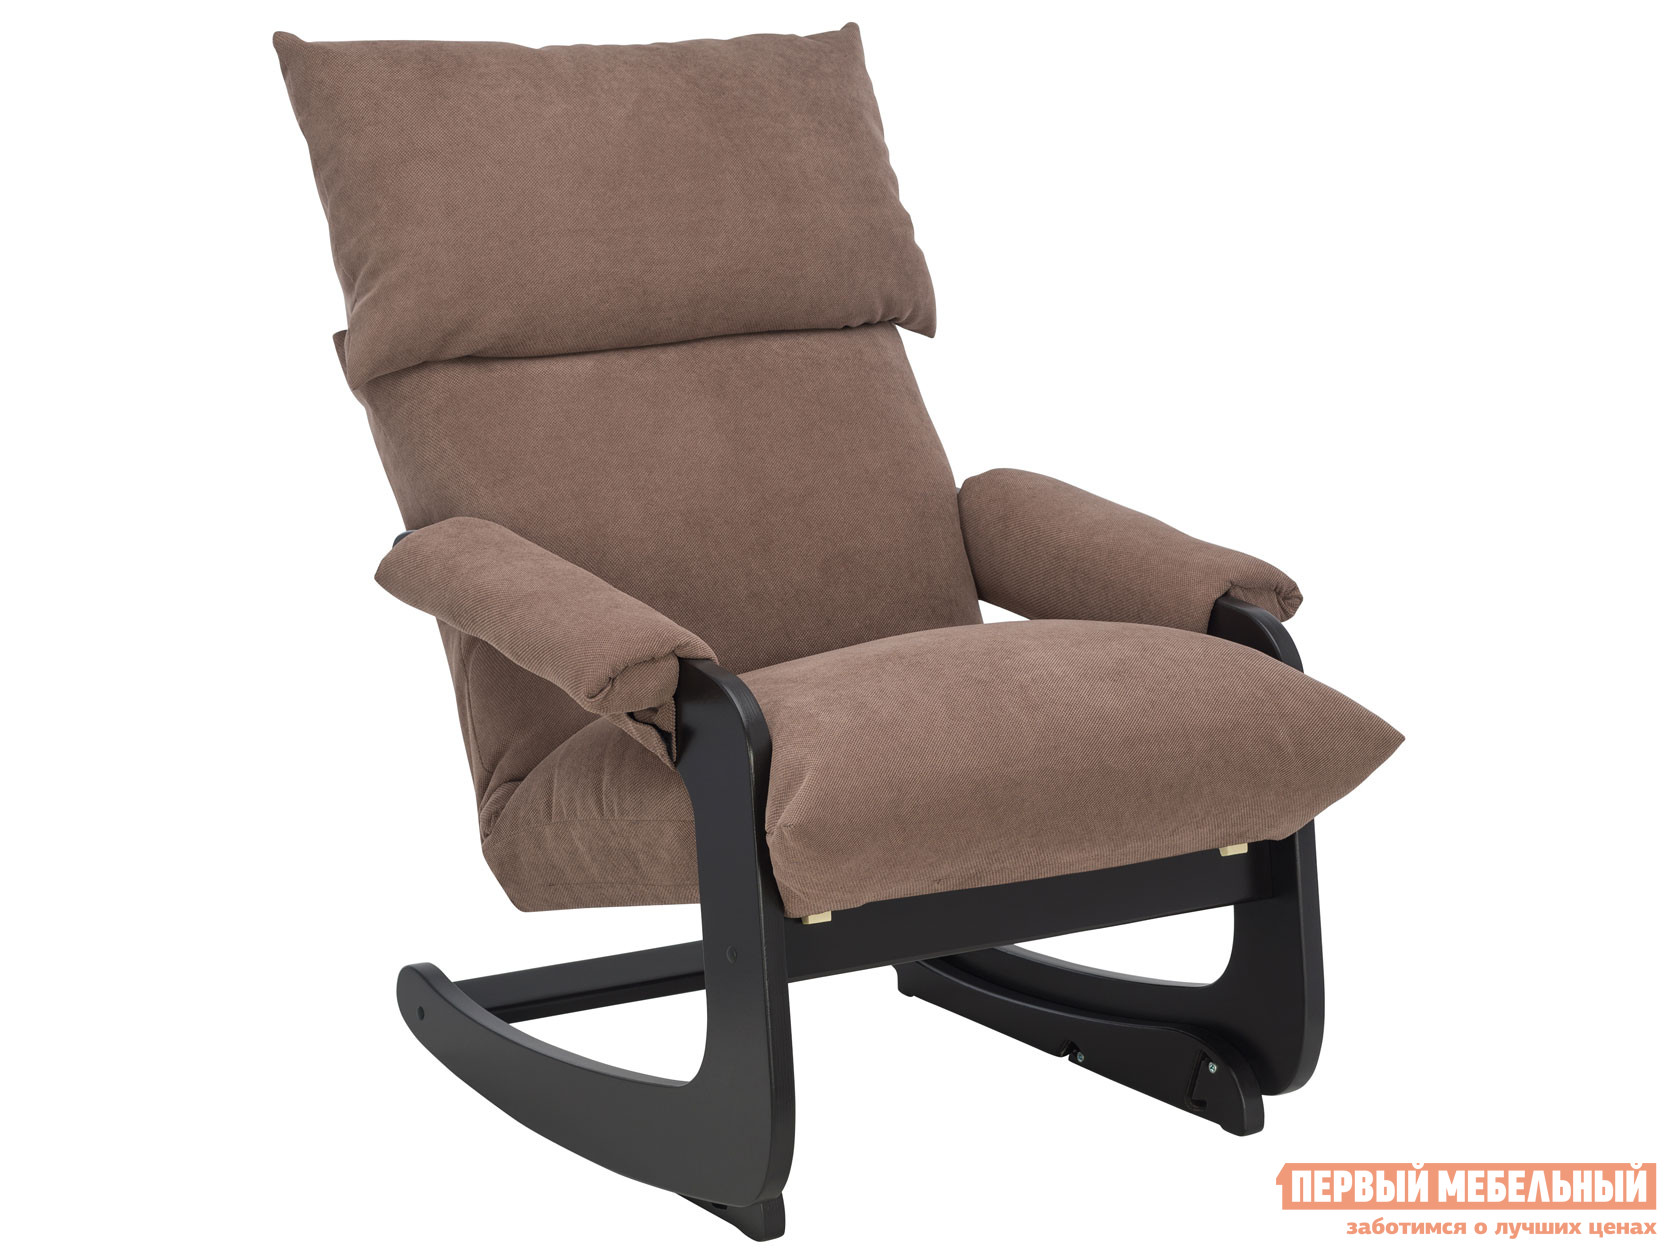 Кресло-качалка  Модель 81 Венге, Verona Brown, велюр